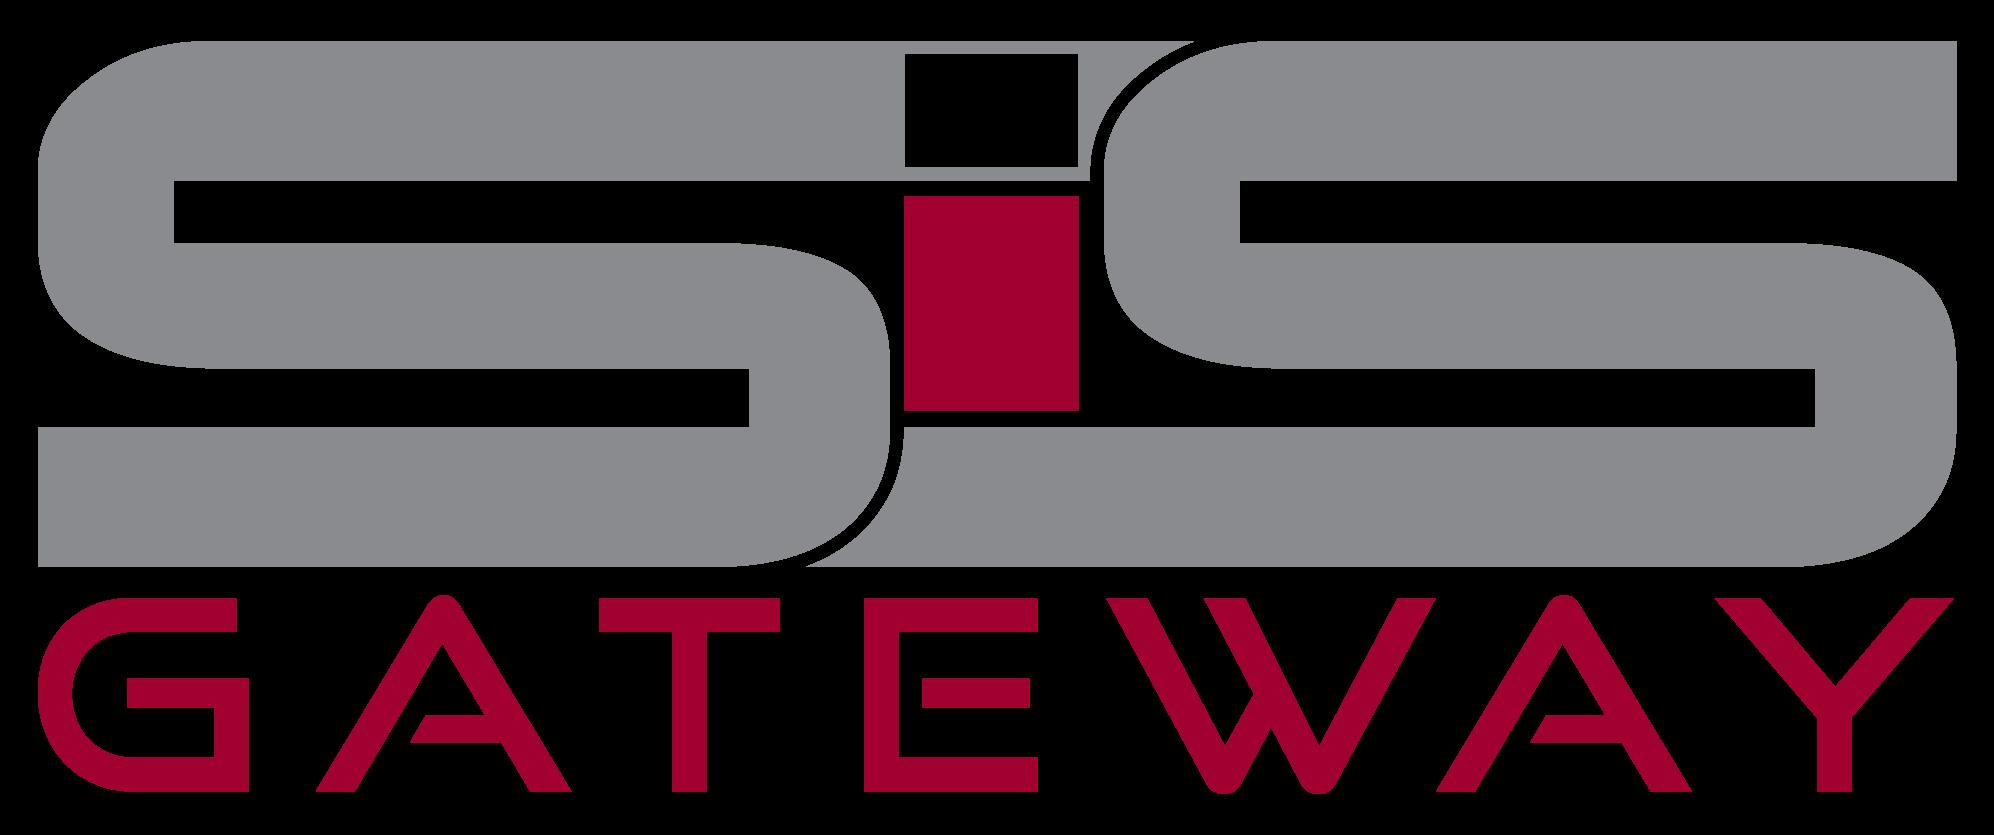 SIS Gateway